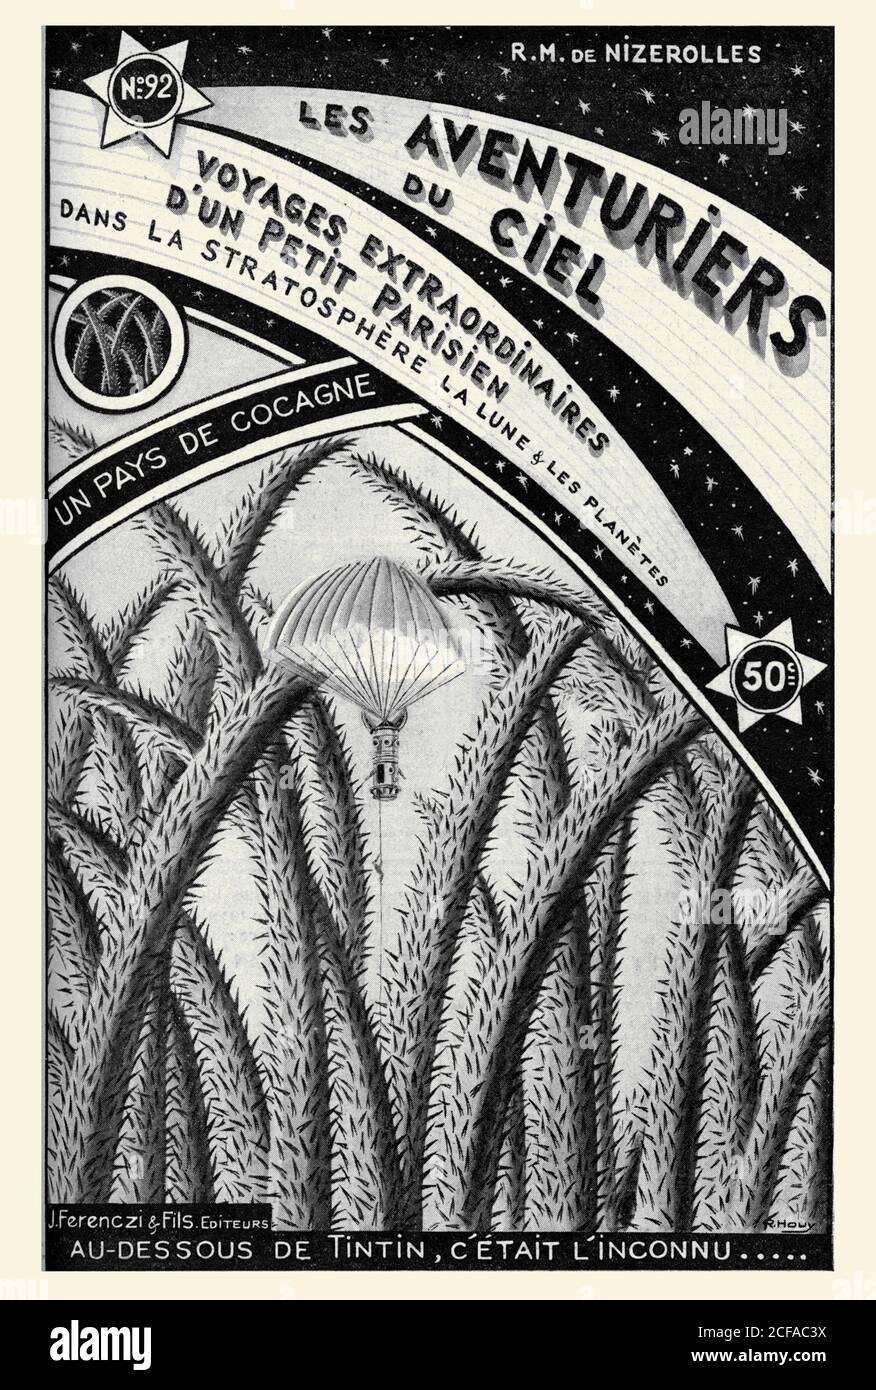 Pays De Cocagne Mots Fléchés : cocagne, fléchés, Cocagne, Resolution, Stock, Photography, Images, Alamy